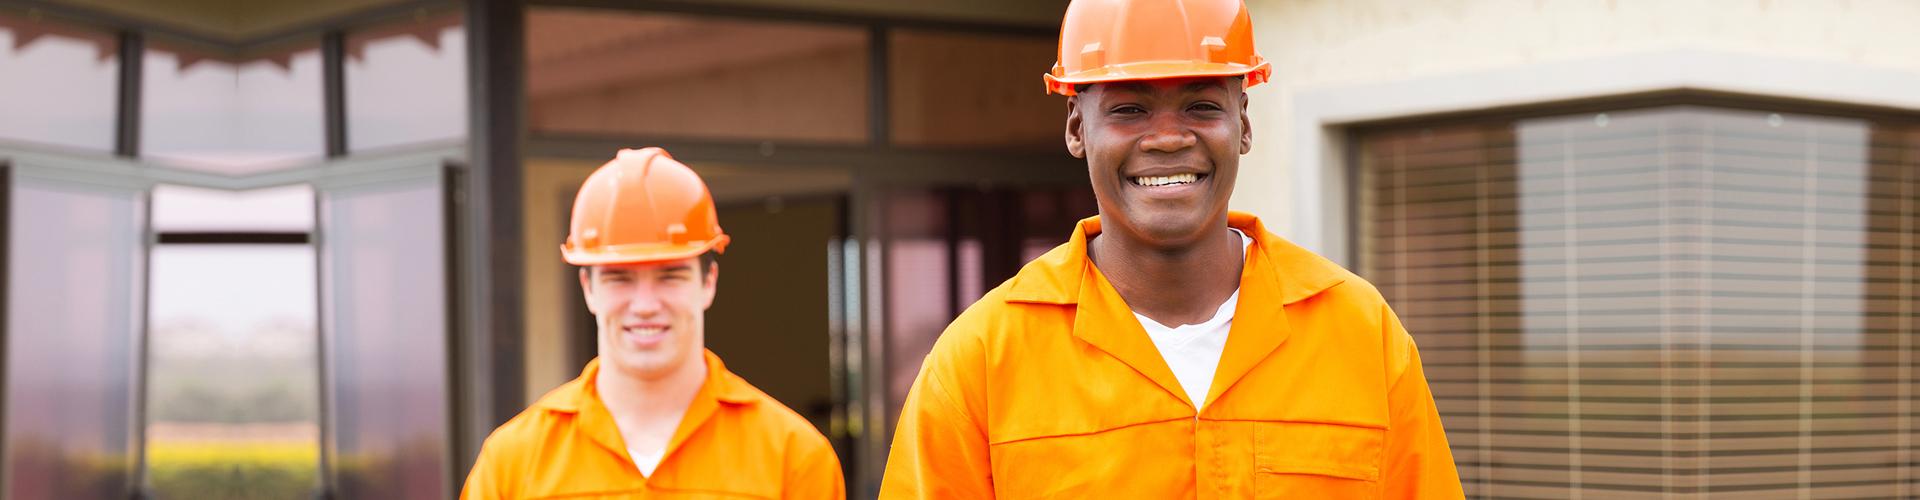 two men wearing orange hard hat and orange uniform